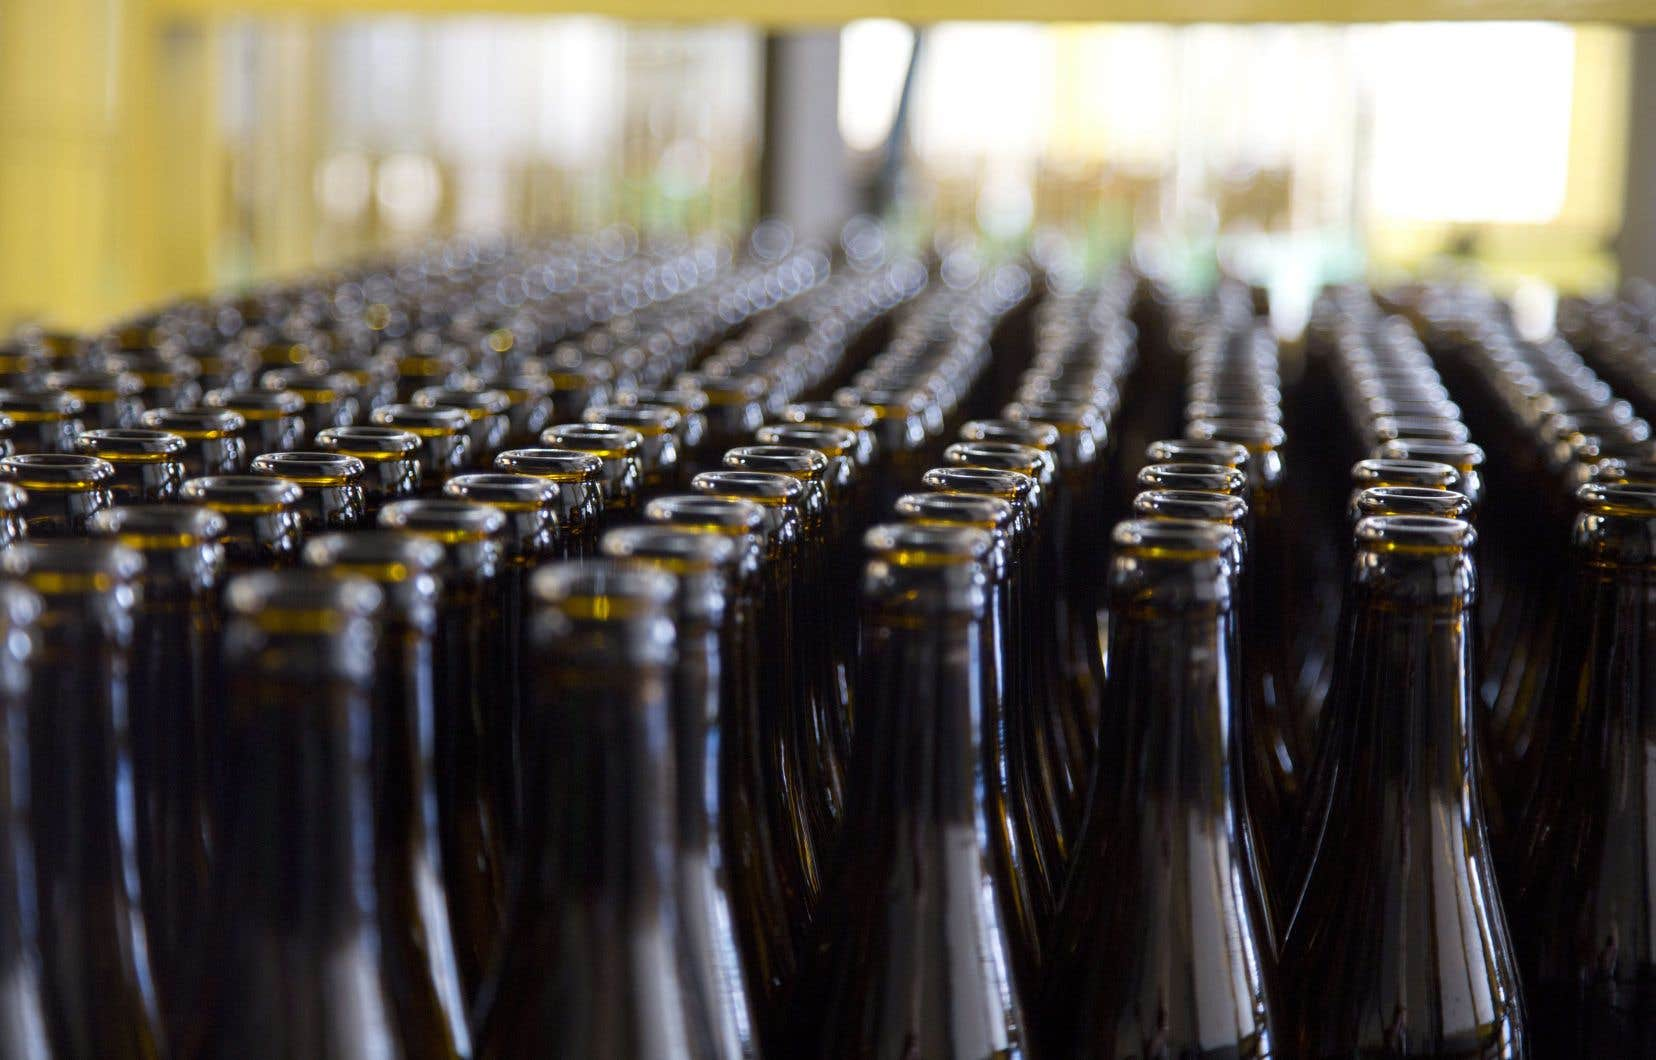 Les brasseurs québécois craignaient de devoir ralentir leur production en raison du manque de bouteilles.